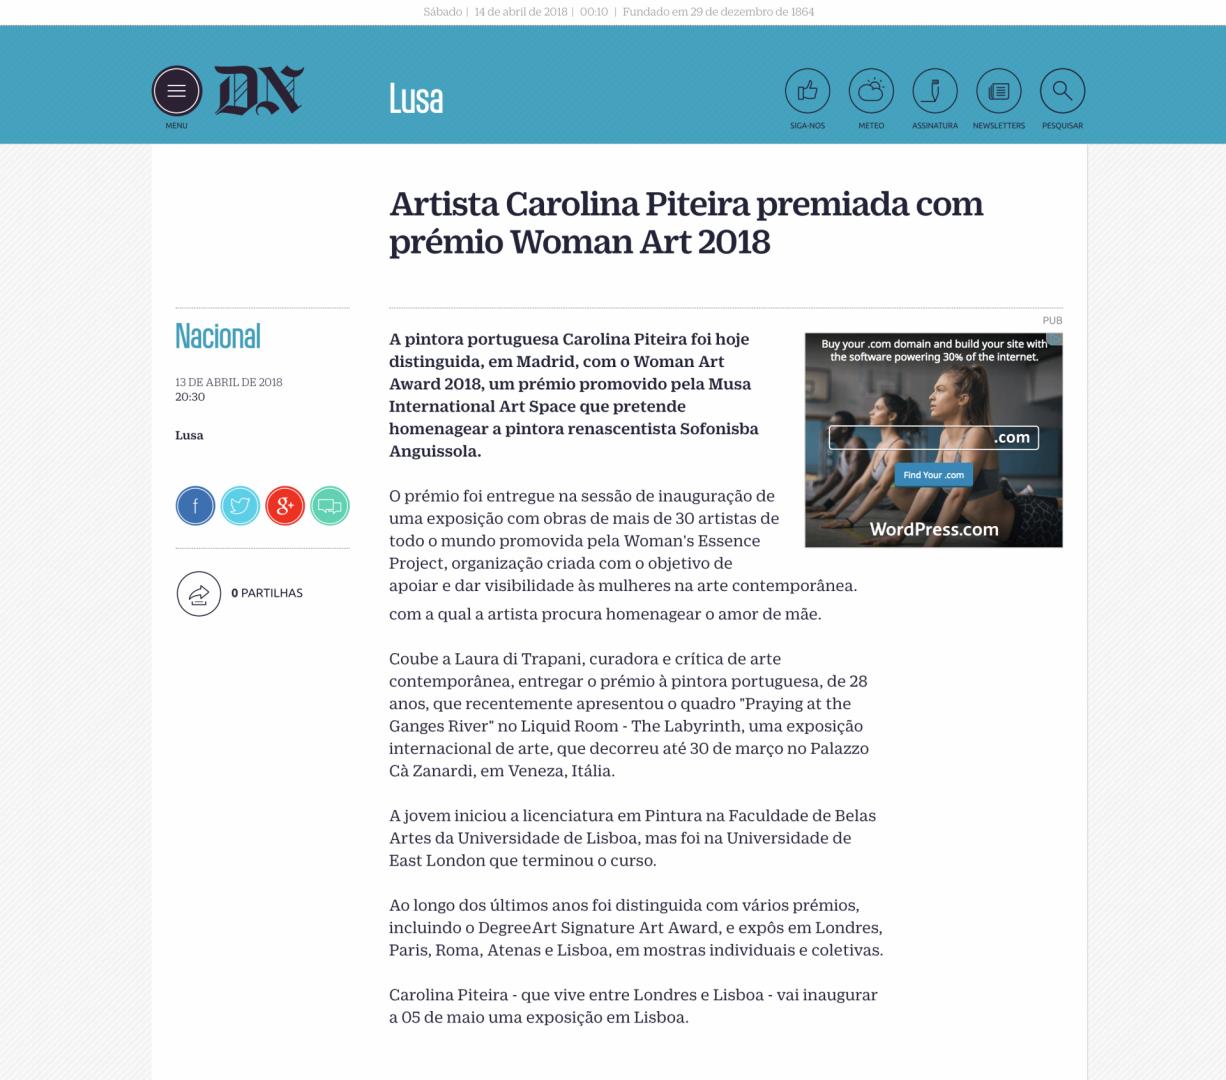 Carolina Piteira Press Diário de Notícias (1)